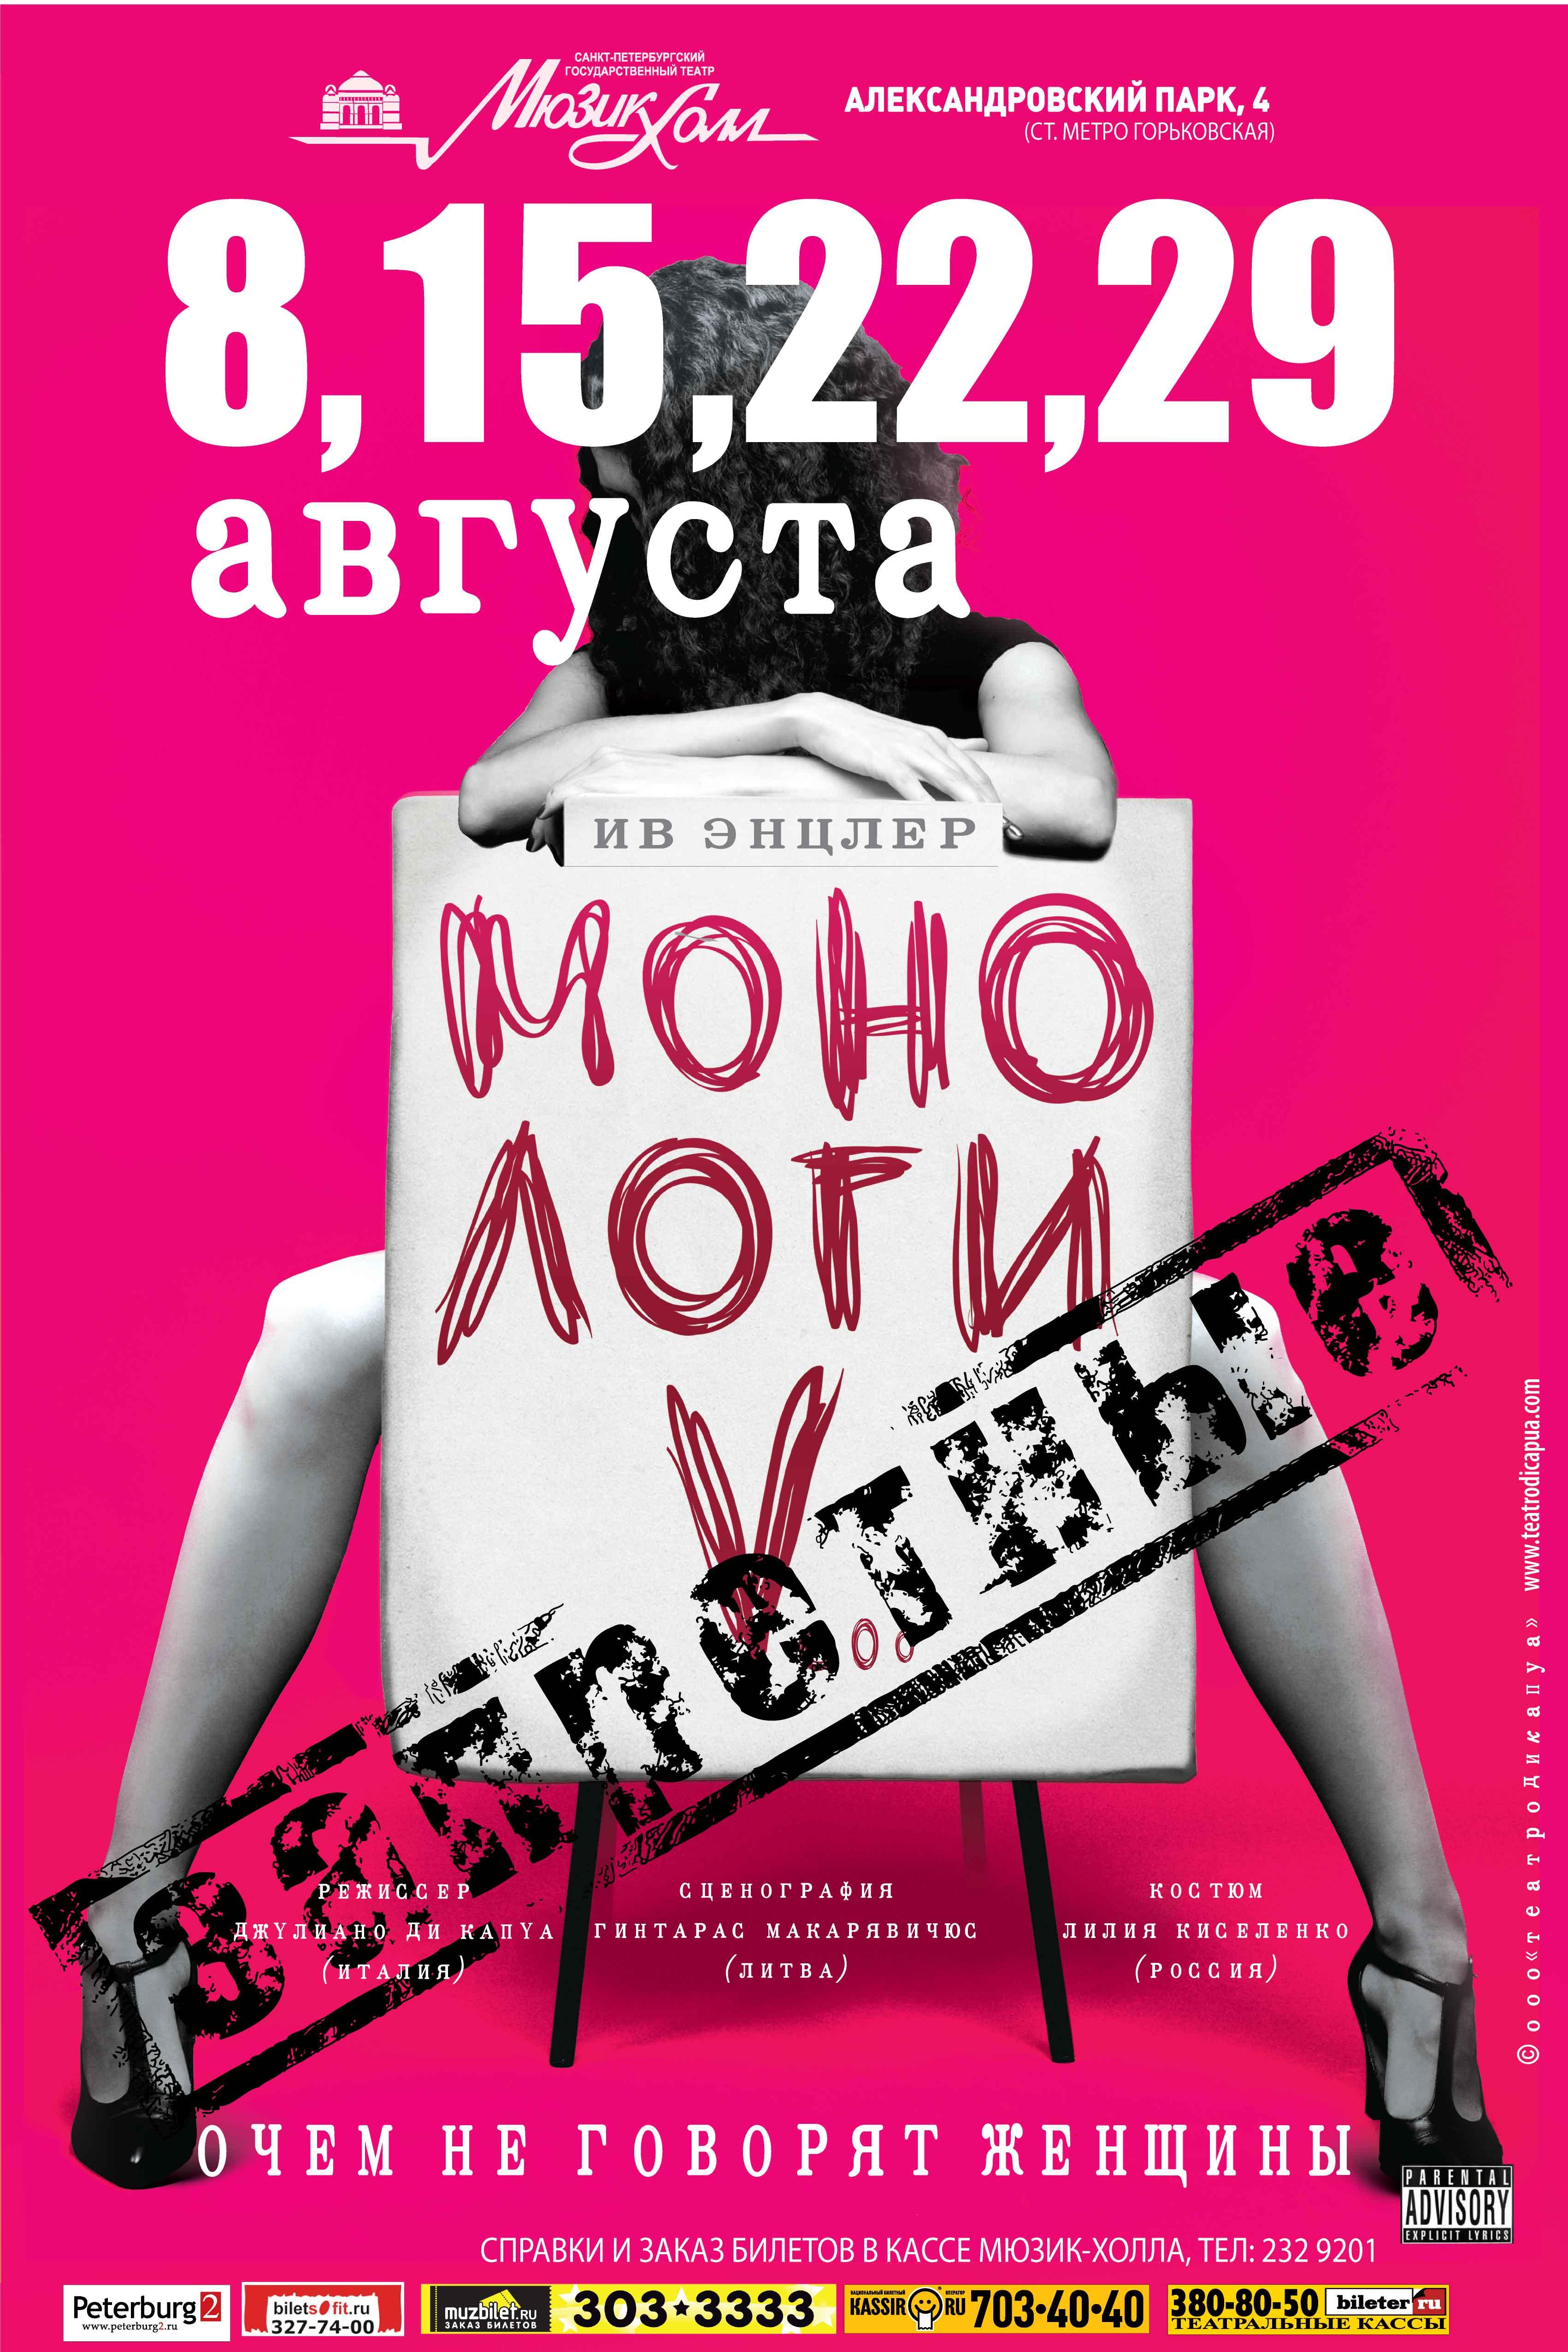 monologi-vagini